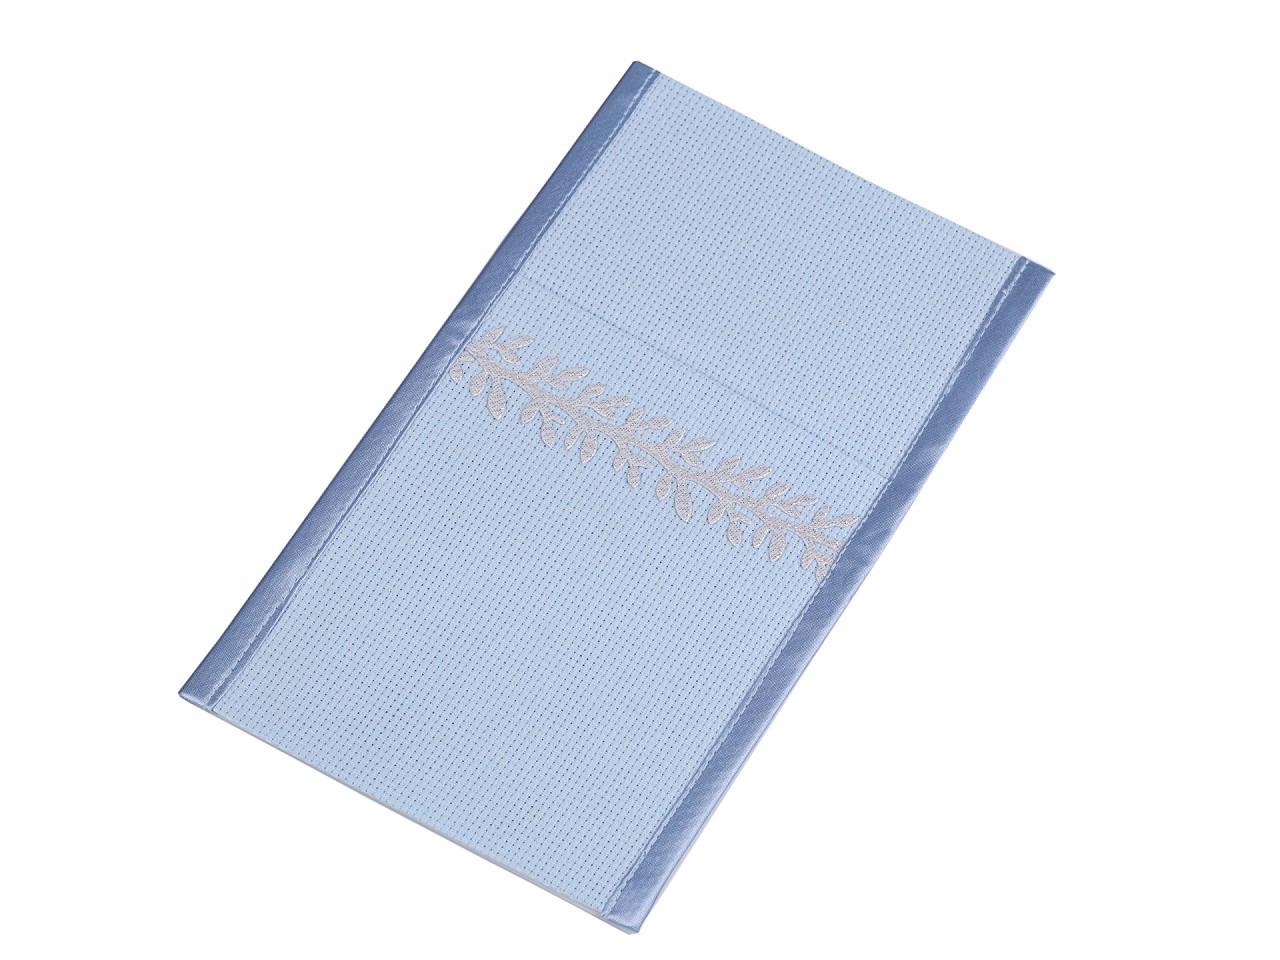 Kapsa na příbory s větvičkou 12x21 cm, barva 5 modrá pomněnková stříbrná